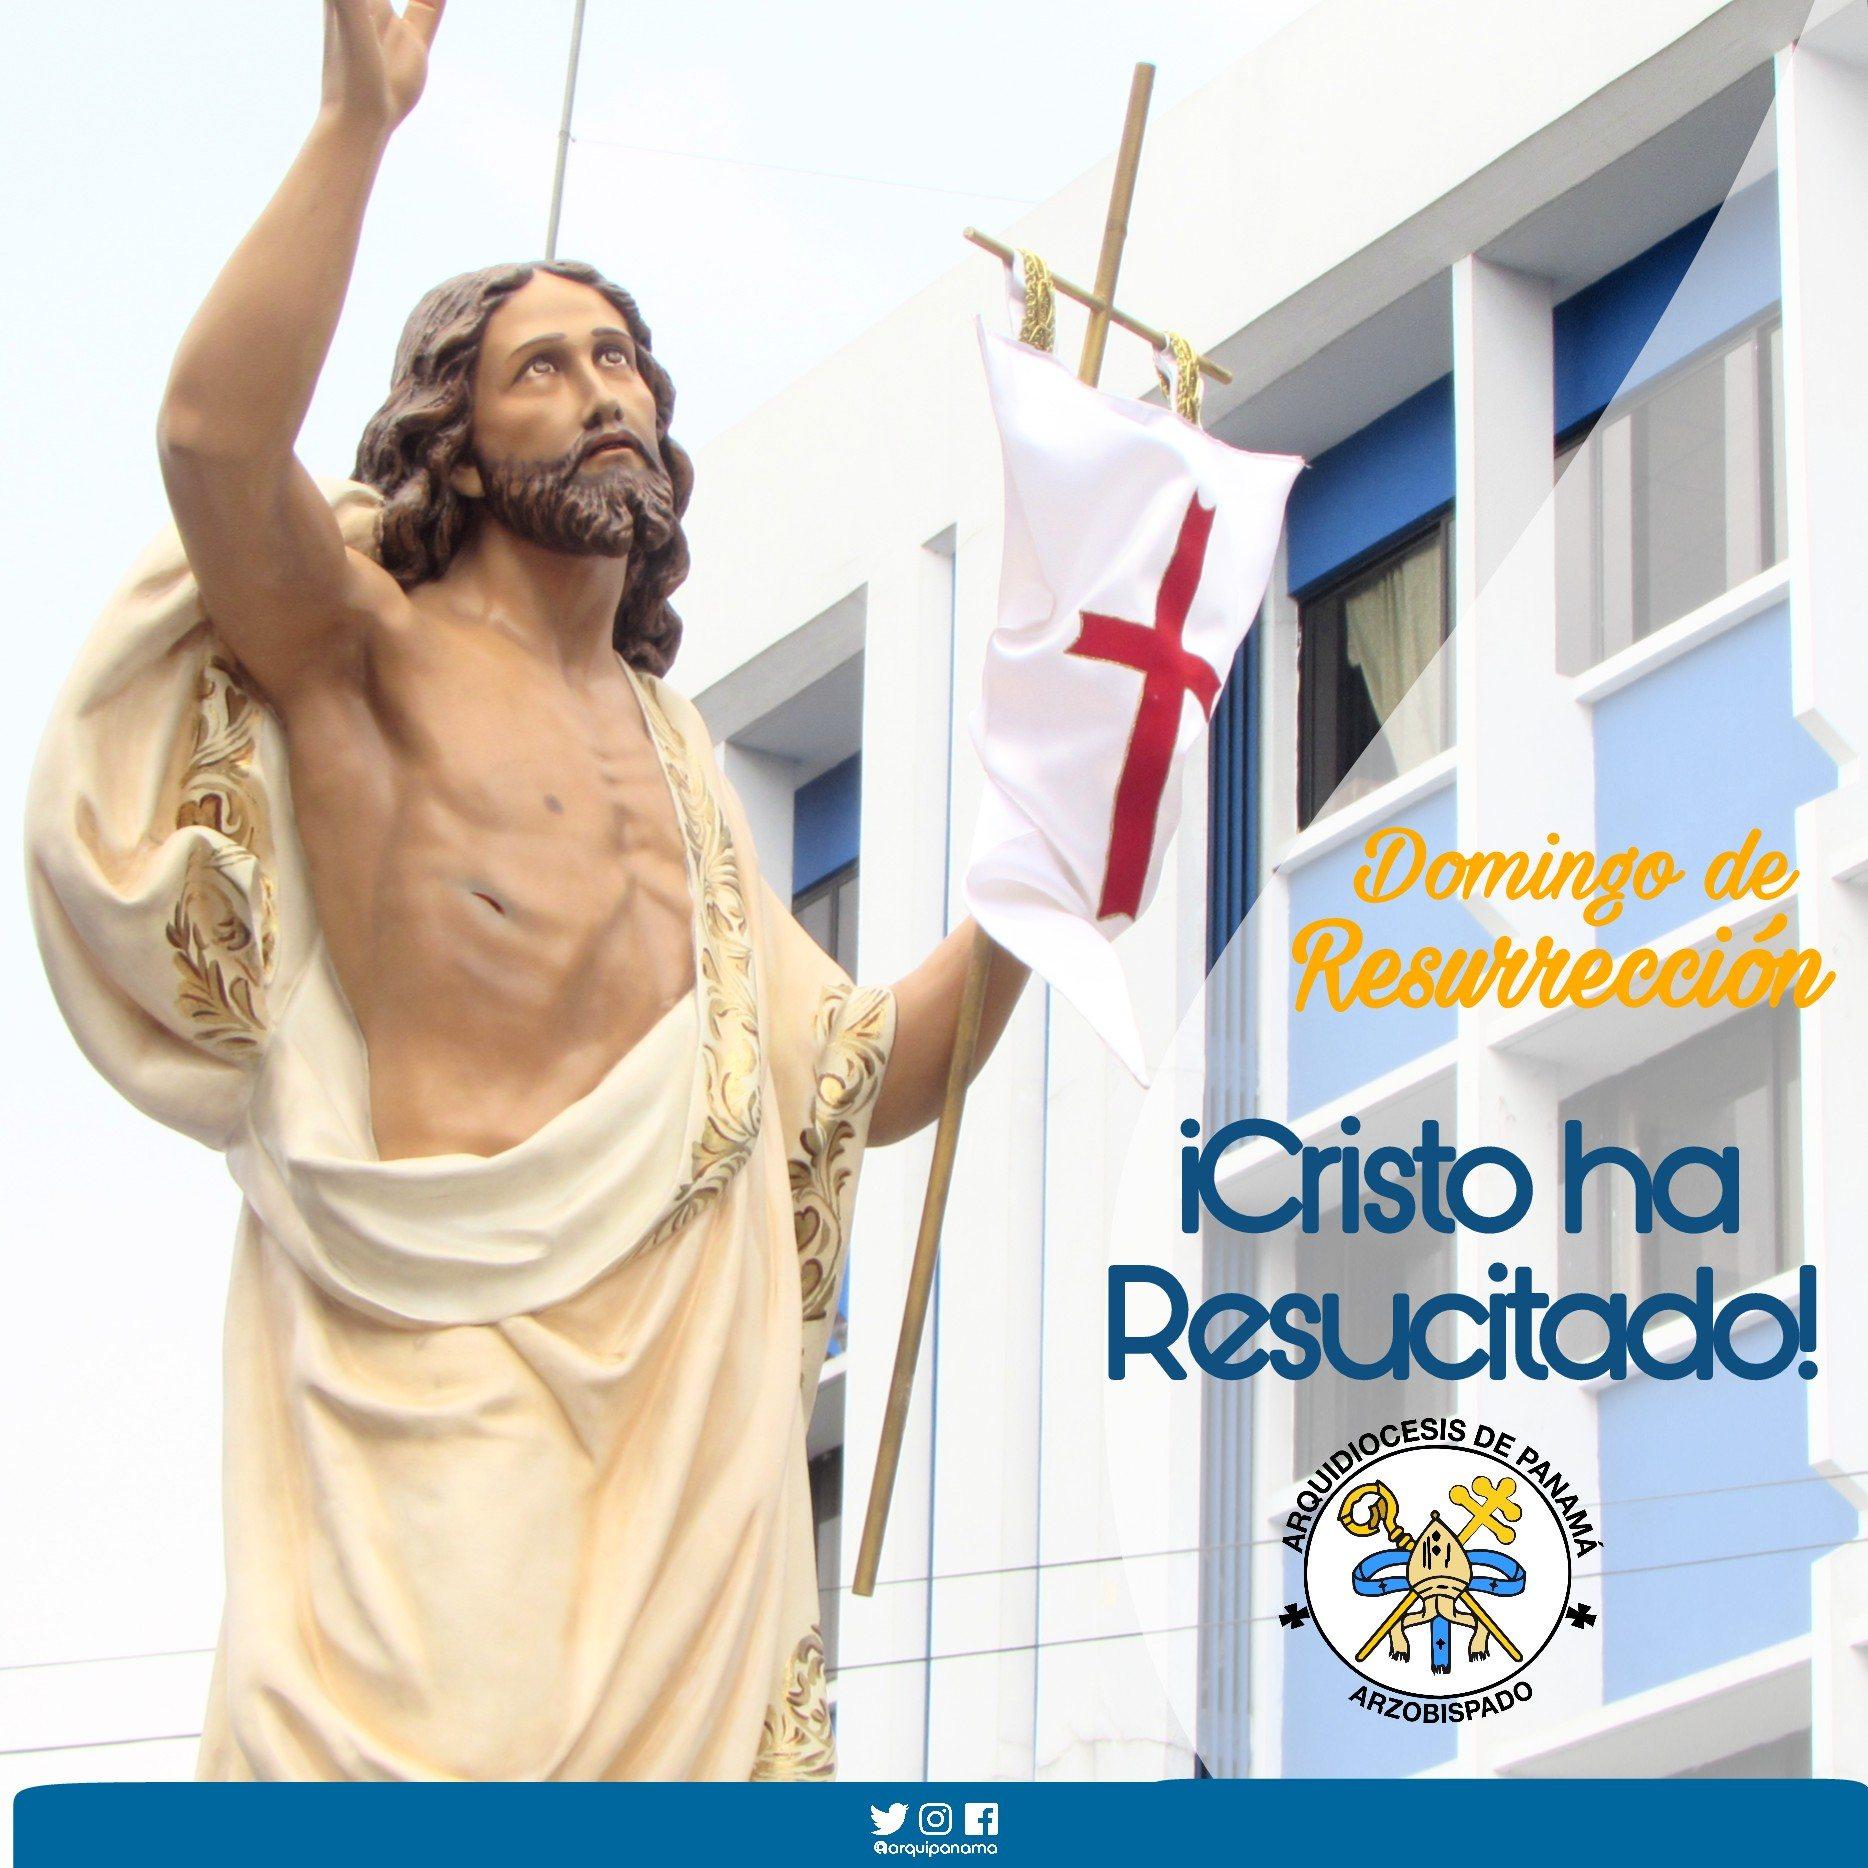 ¡Cristo ha resucitado! Verdaderamente a resucitado